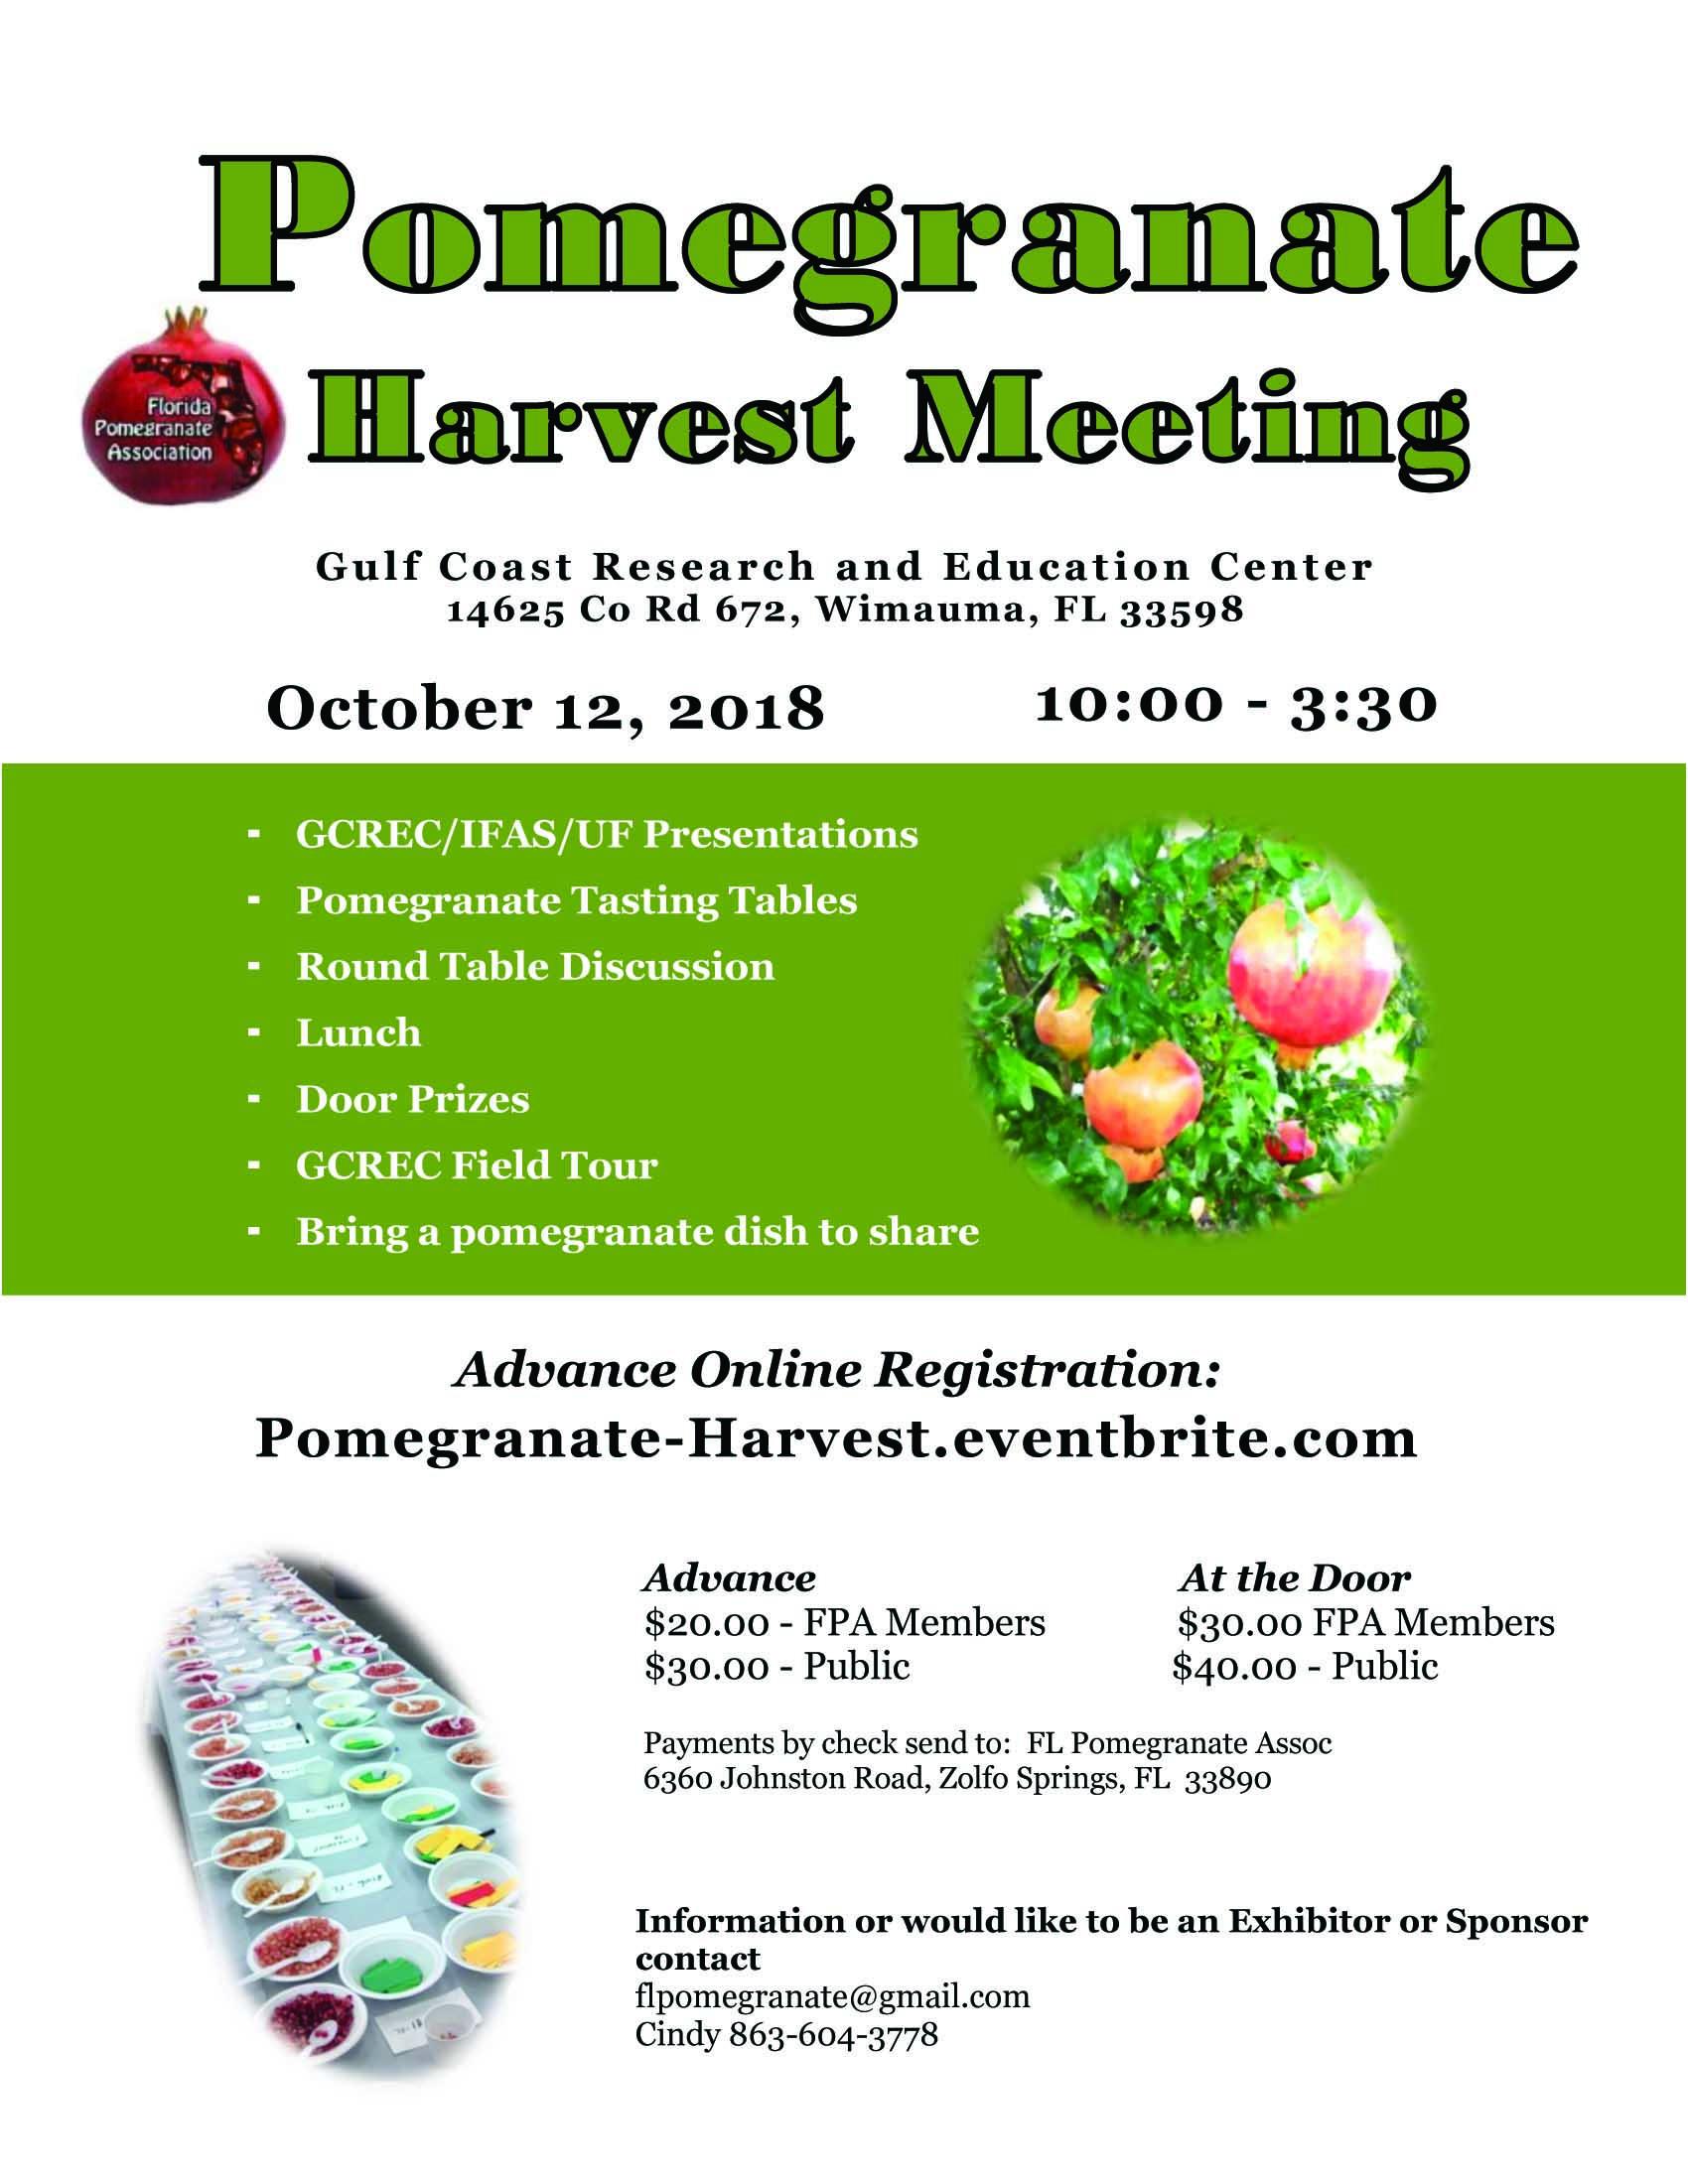 Harvest-Meeting.eventbrite.com